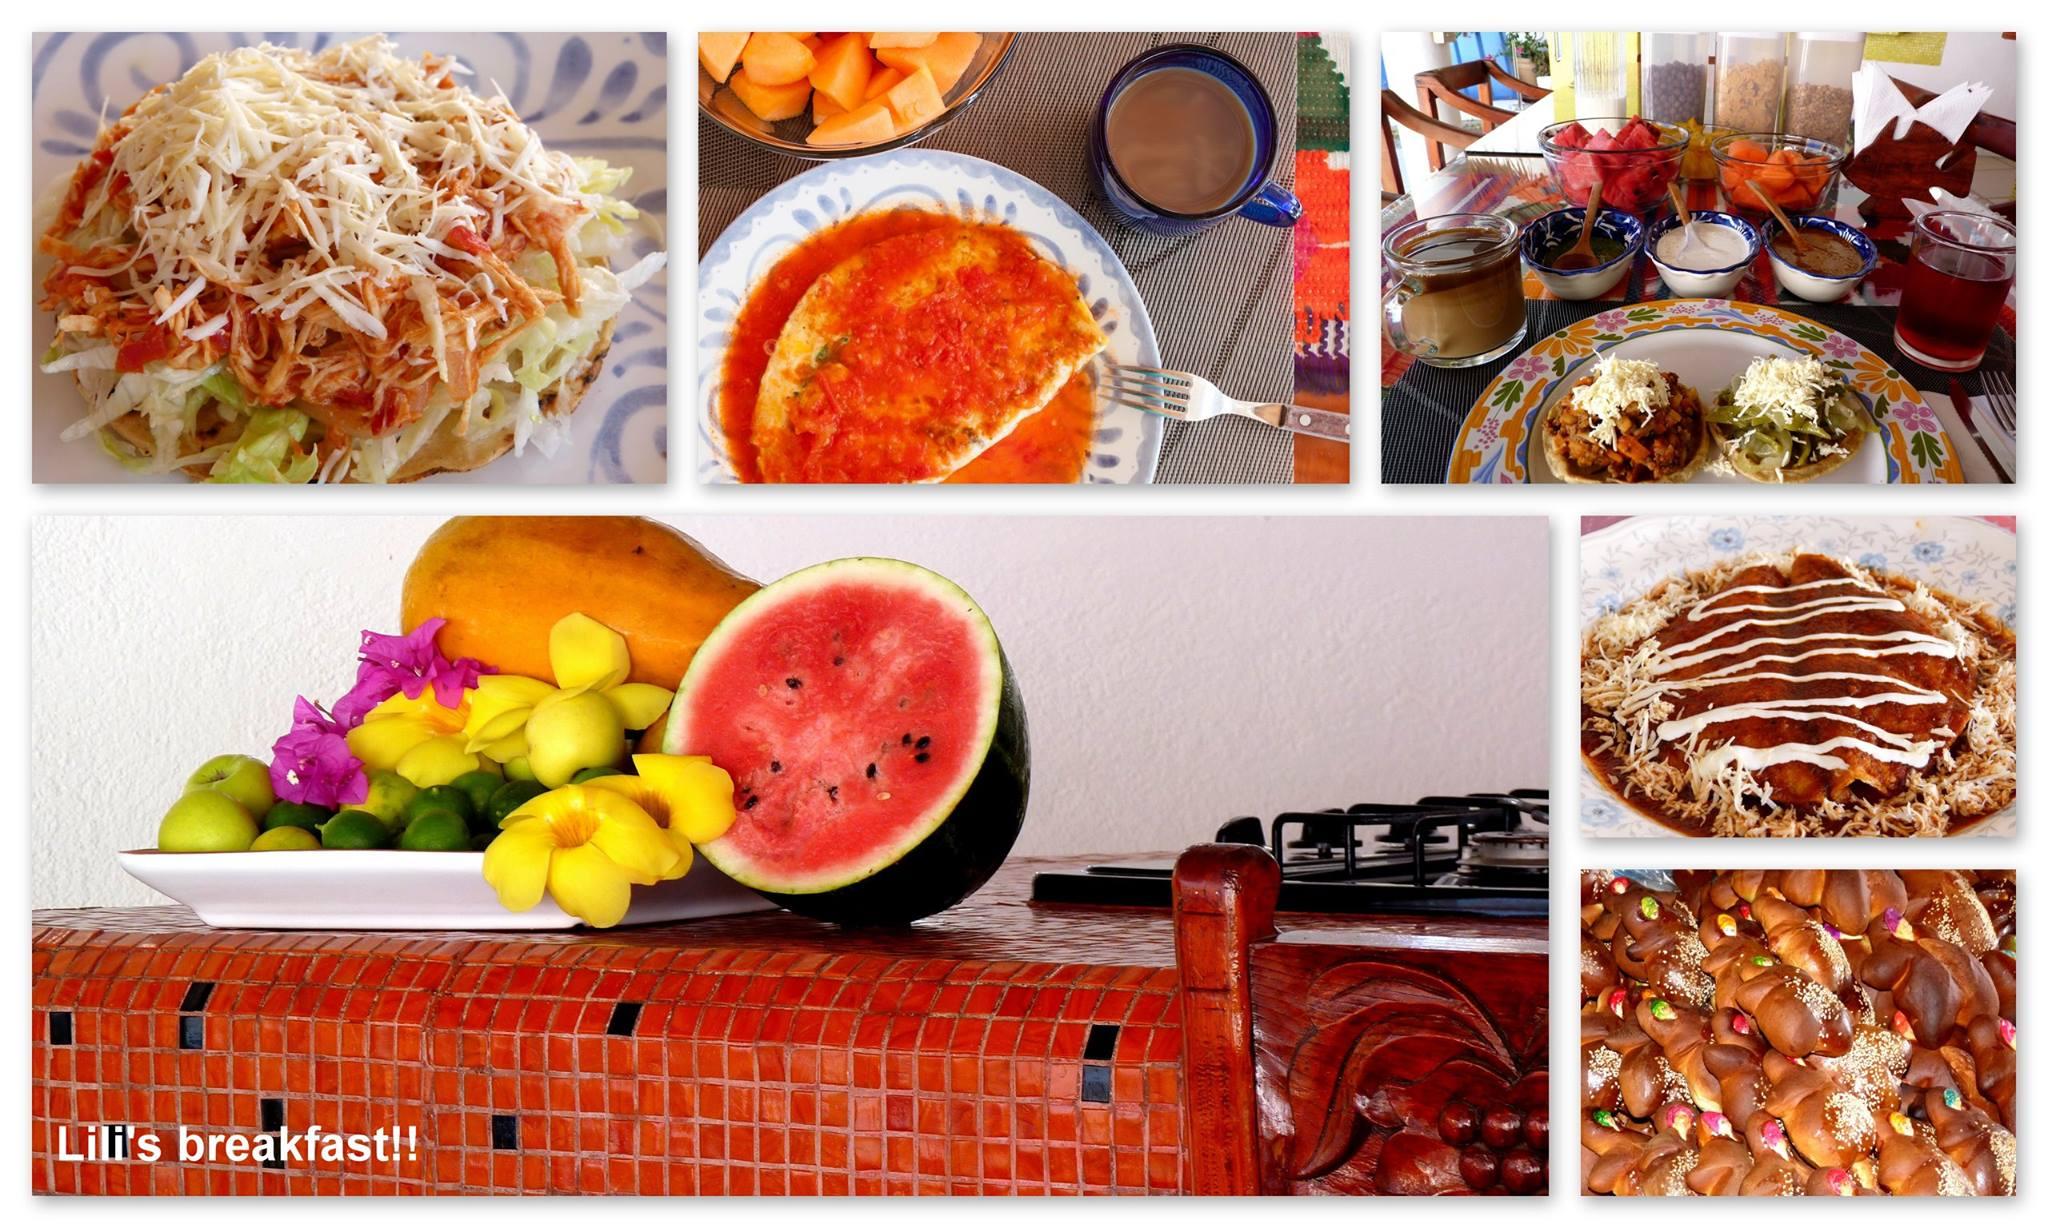 Villa Lili breakfast style